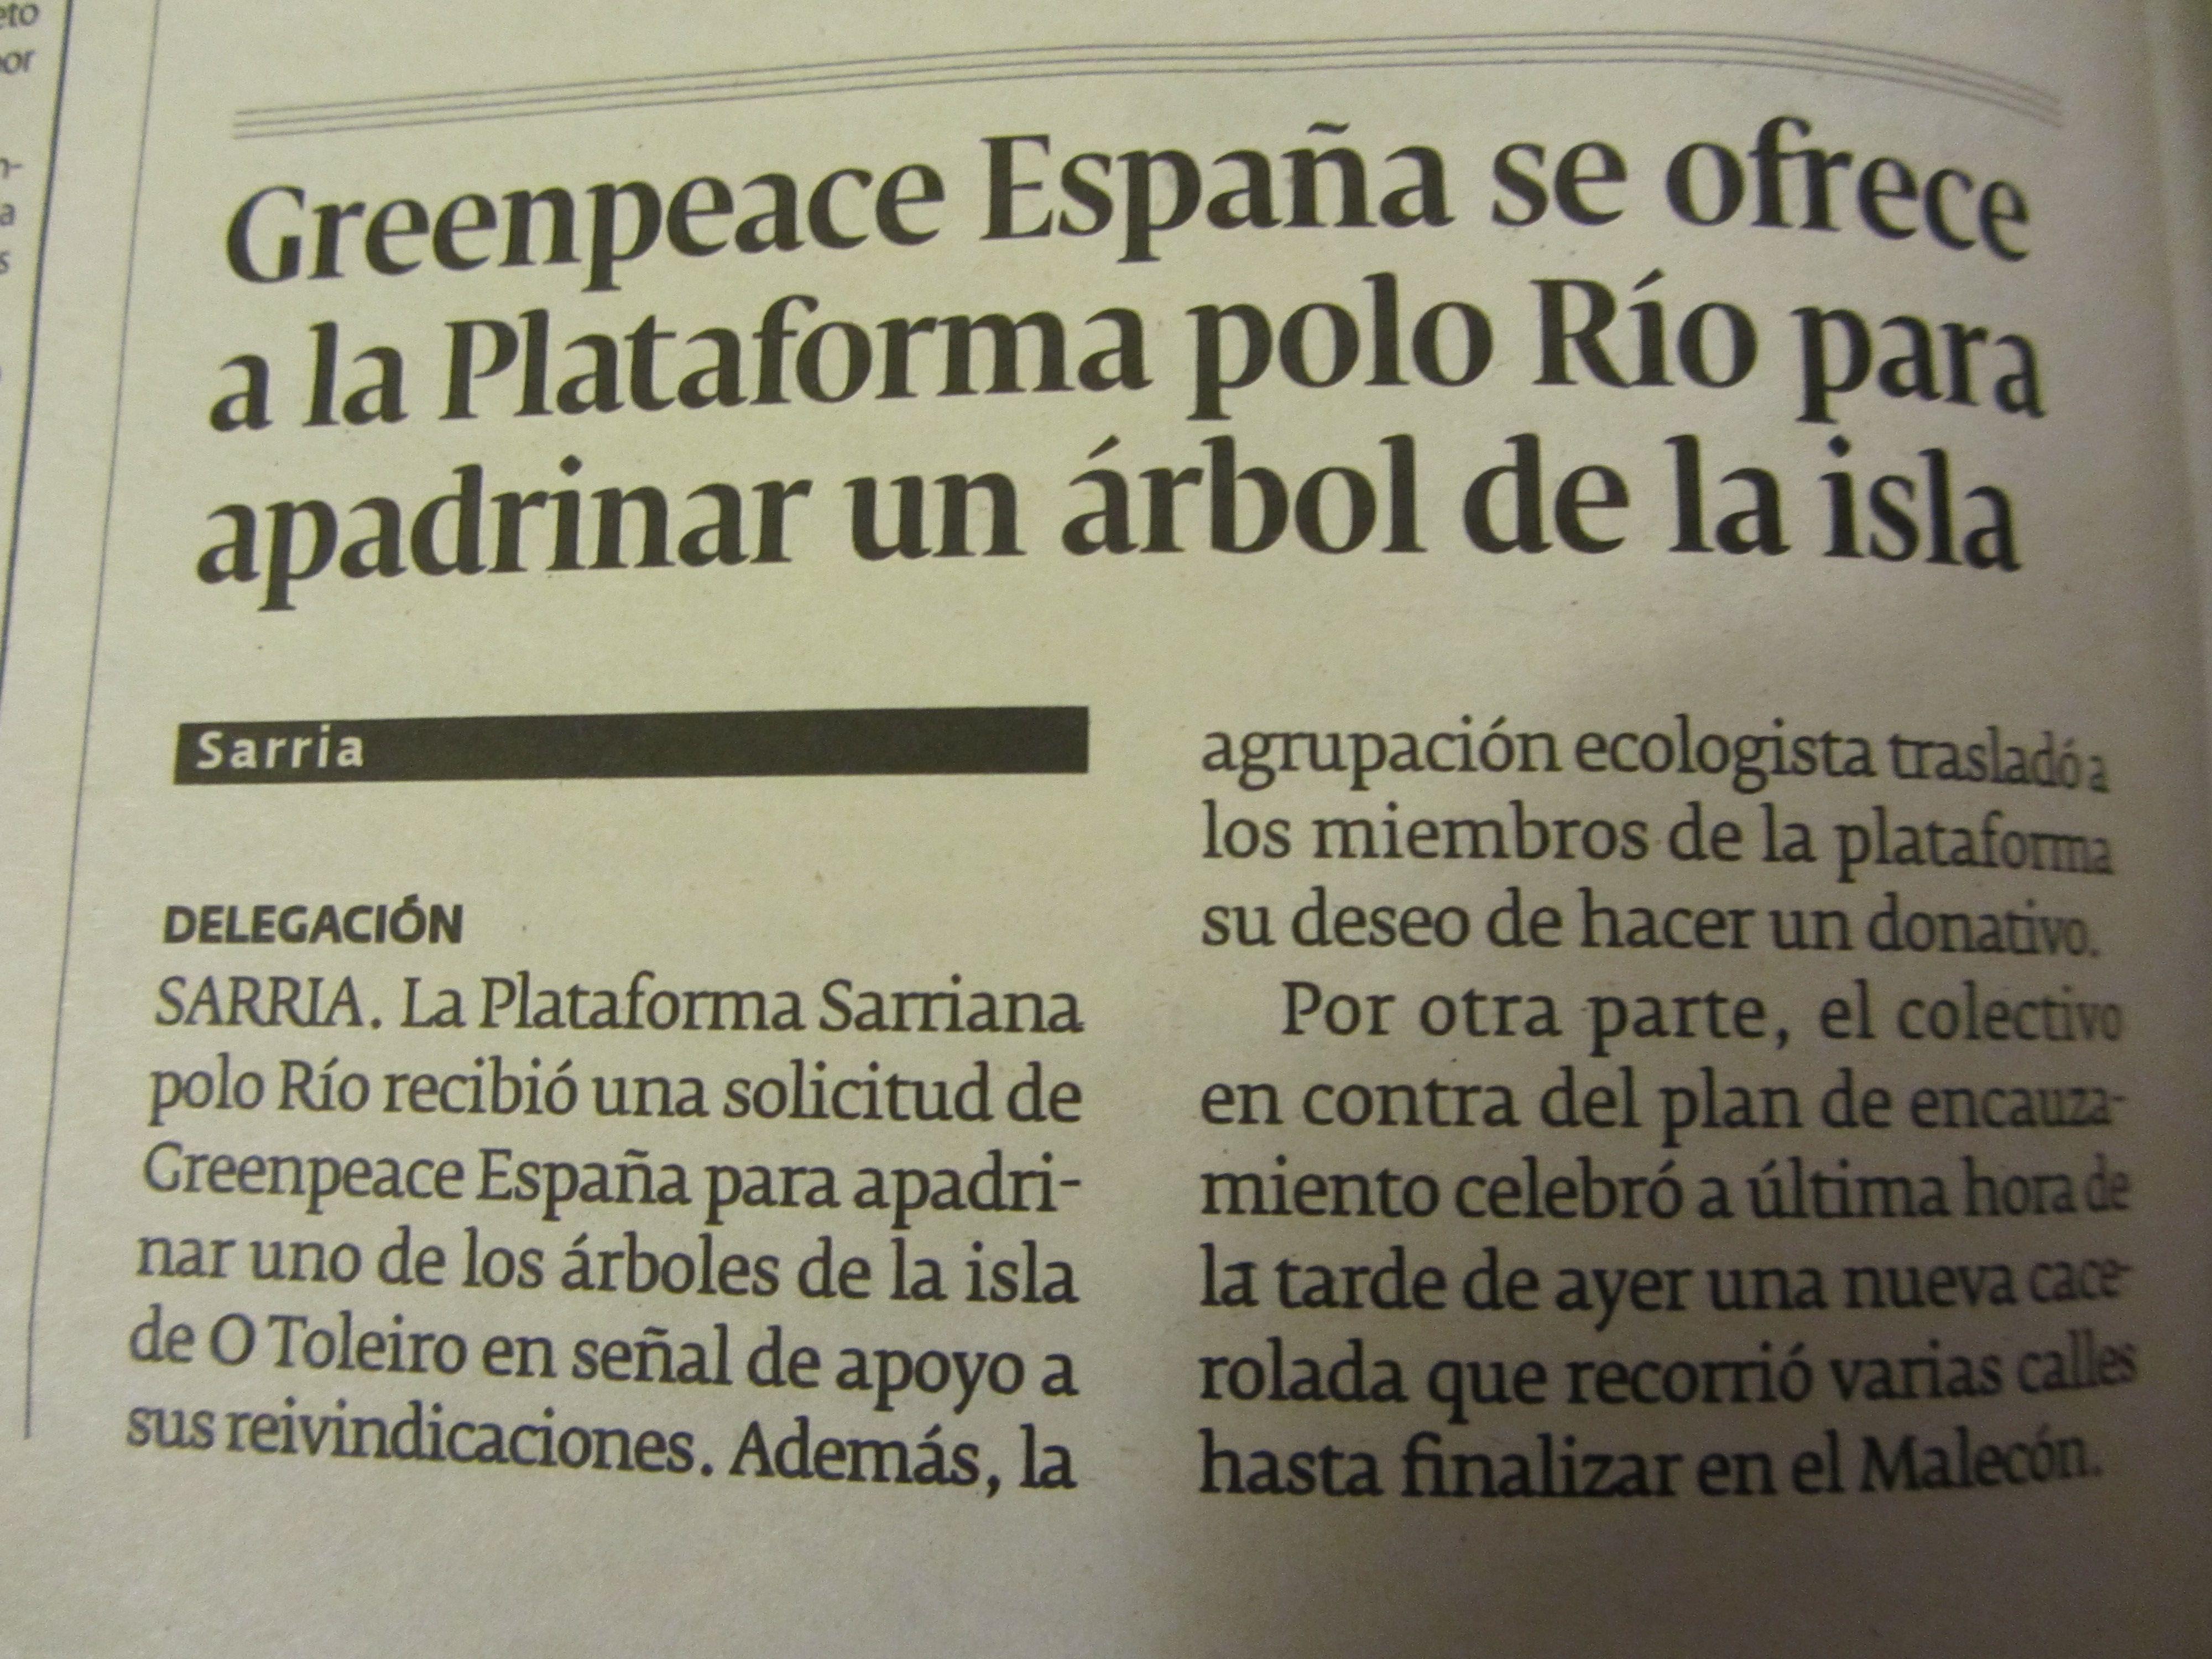 El Progreso.- Sábado 15 de marzo. Greenpeace España...